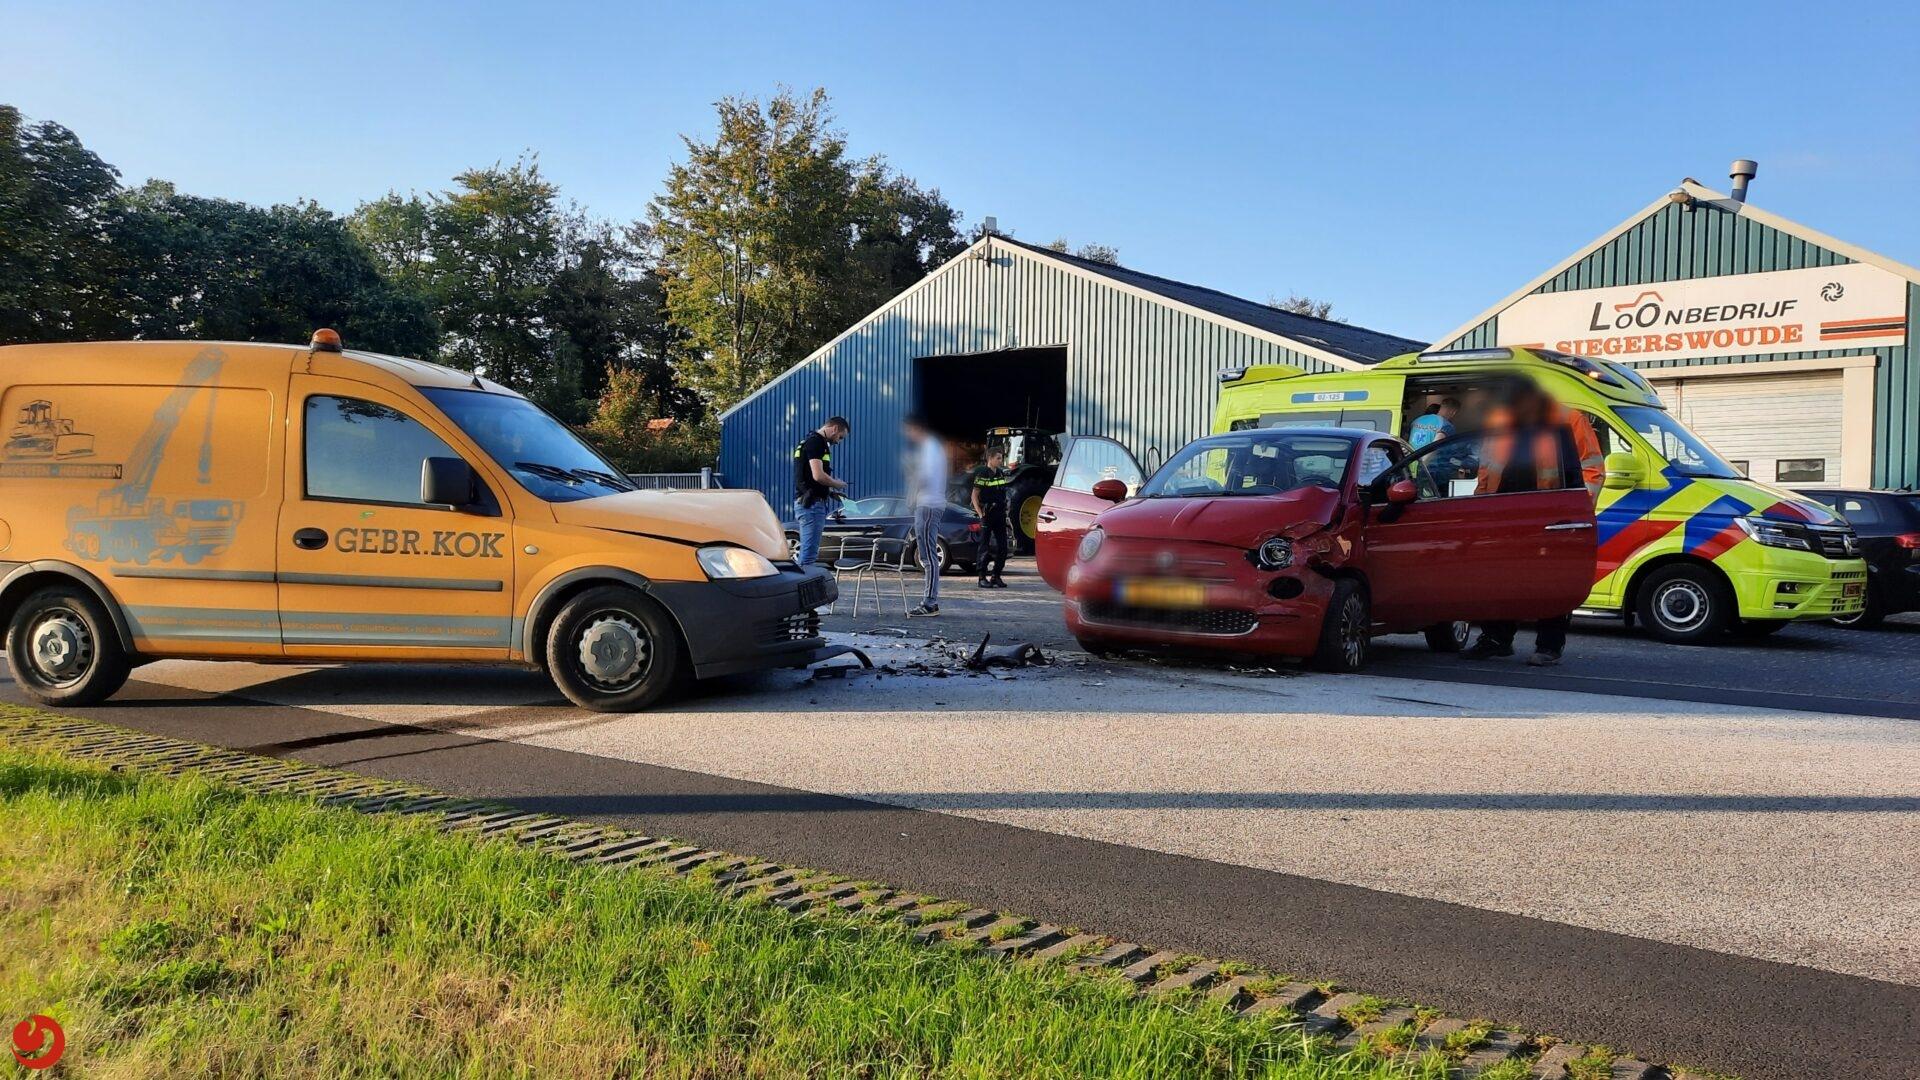 Twee gewonden bij ongeval Siegerswoude